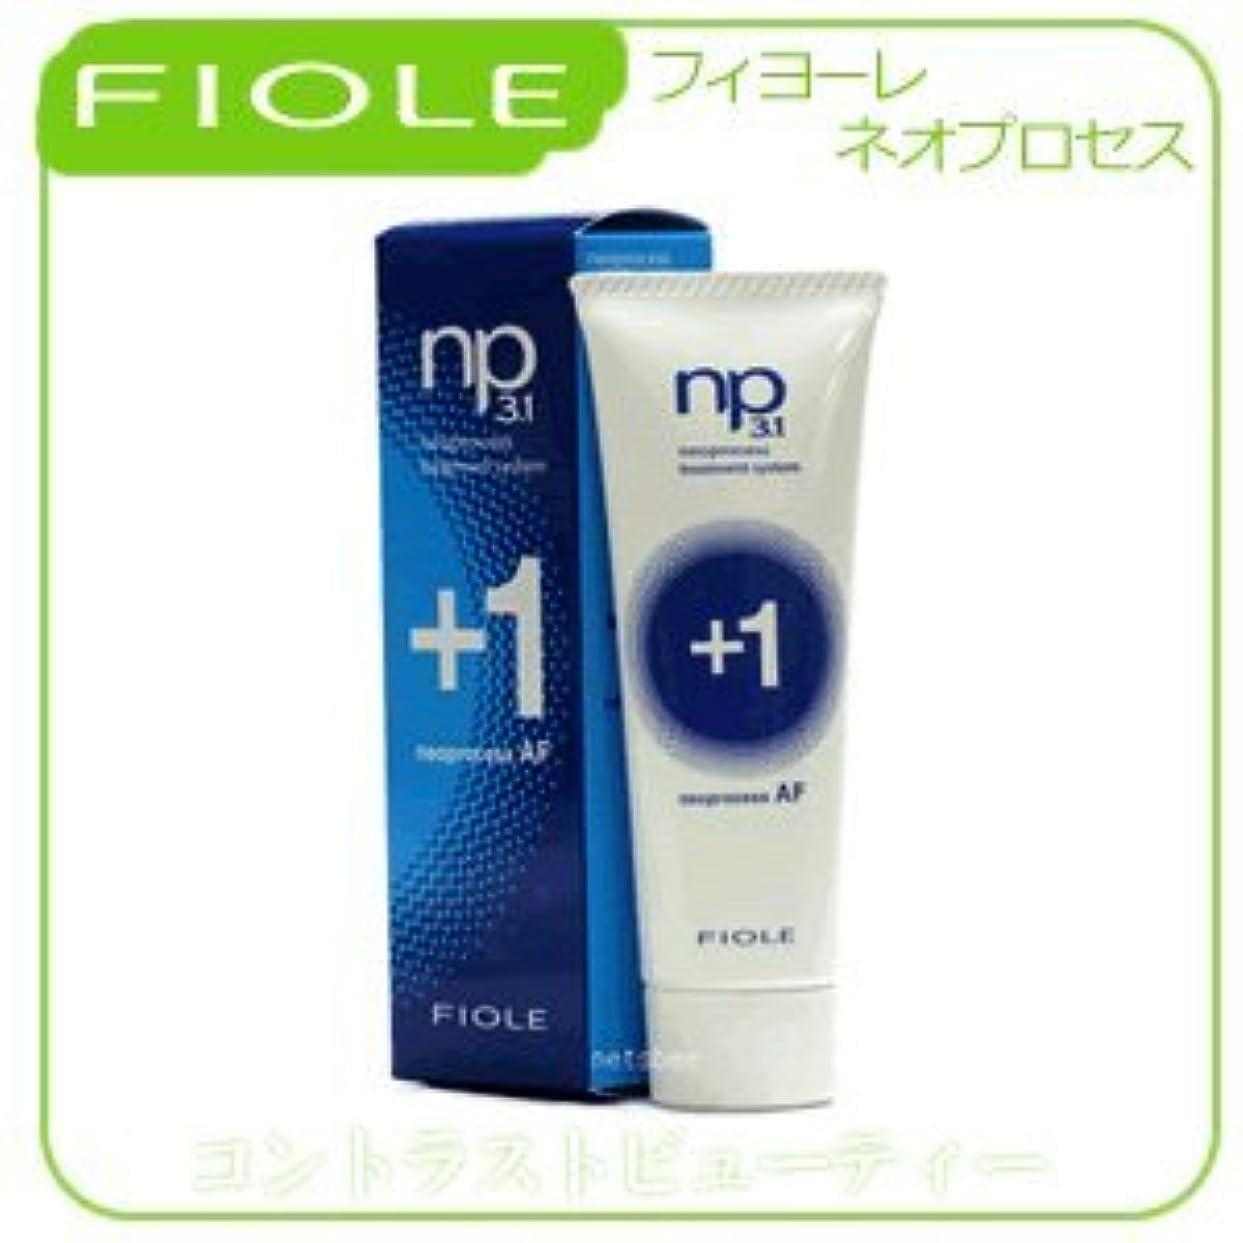 世界的にパール舌な【X4個セット】 フィヨーレ NP3.1 ネオプロセス AFプラス1 240g FIOLE ネオプロセス